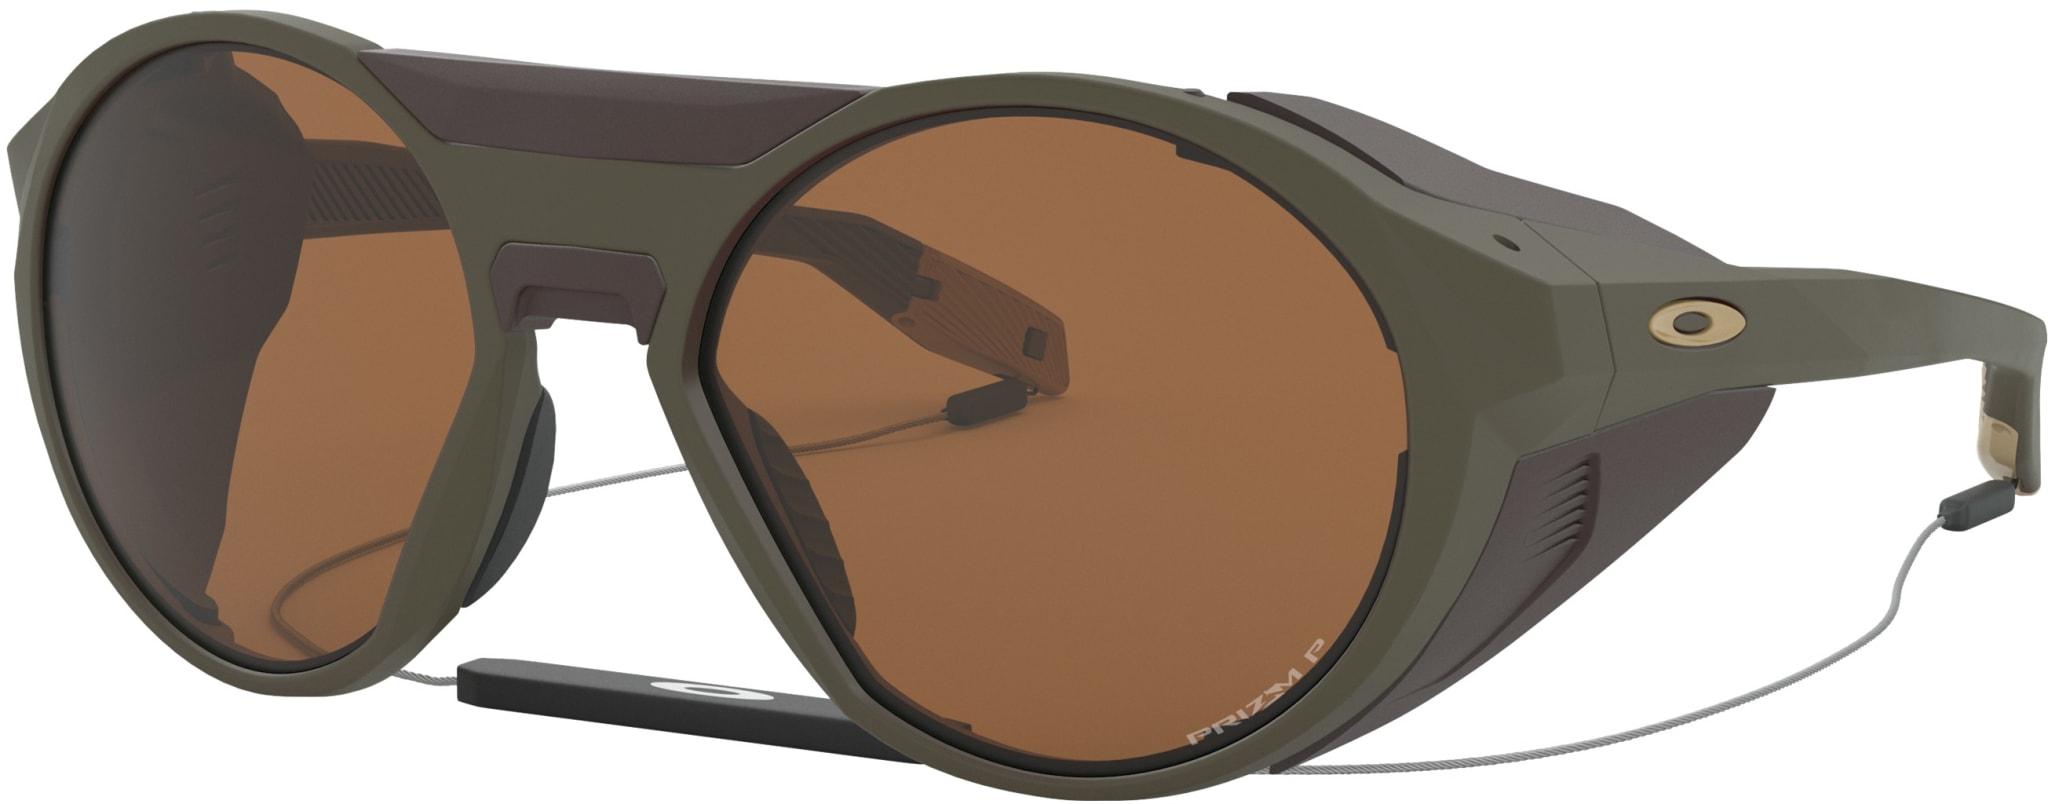 Fjell- og skibrille til den kravstore